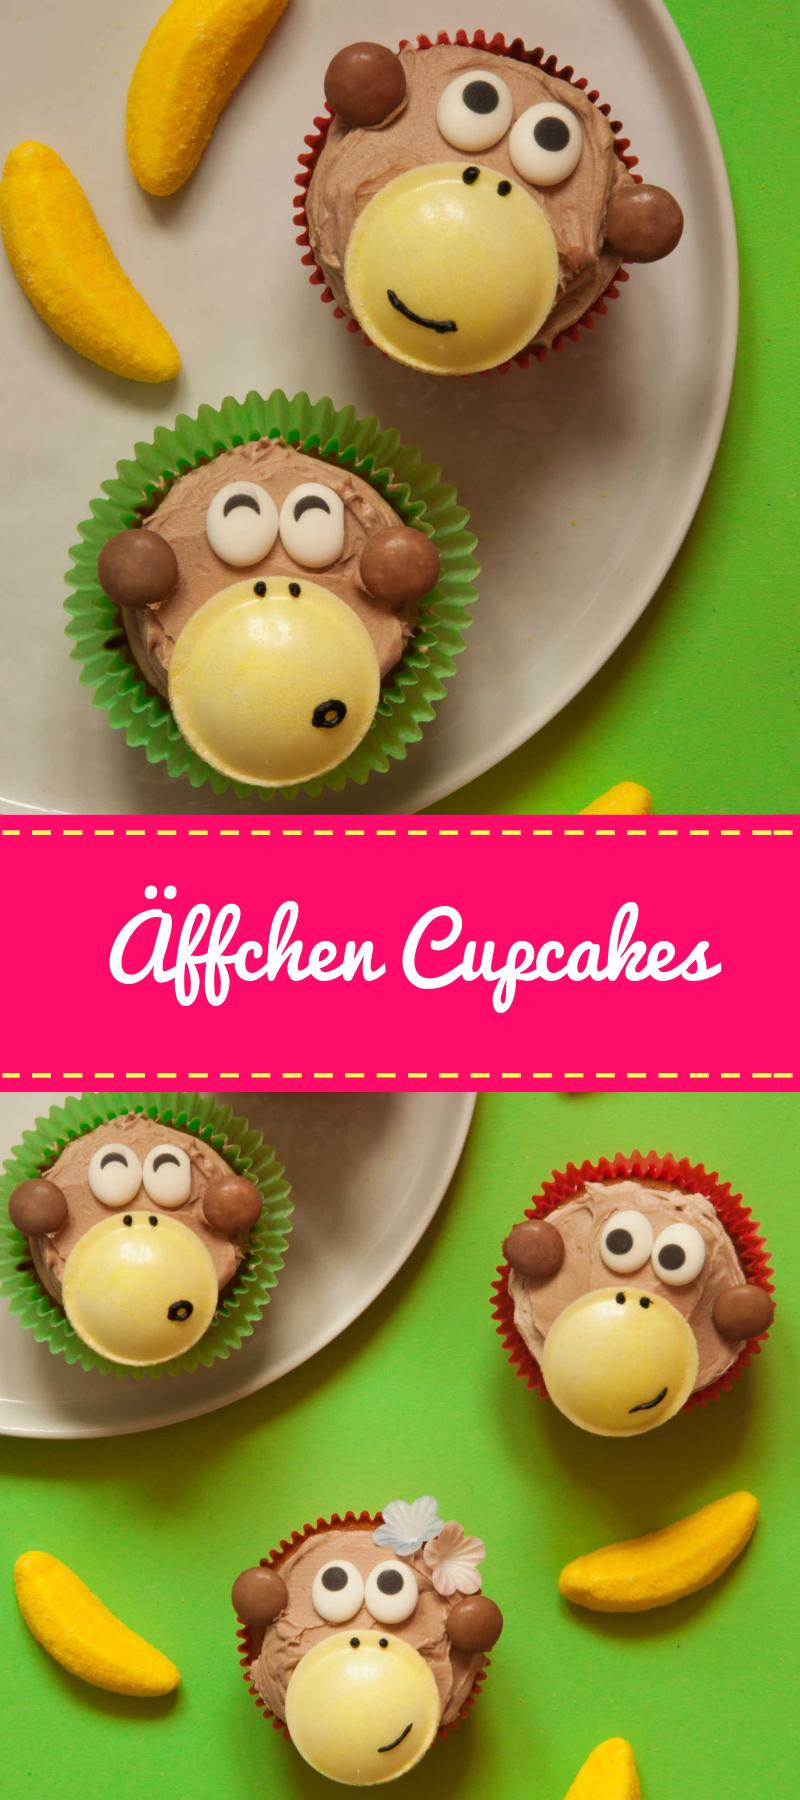 Lustige Affenbande-Cupcakes - Wer hat die Kokosnuss geklaut?? - Made with Luba - Kreativer Küchenspaß